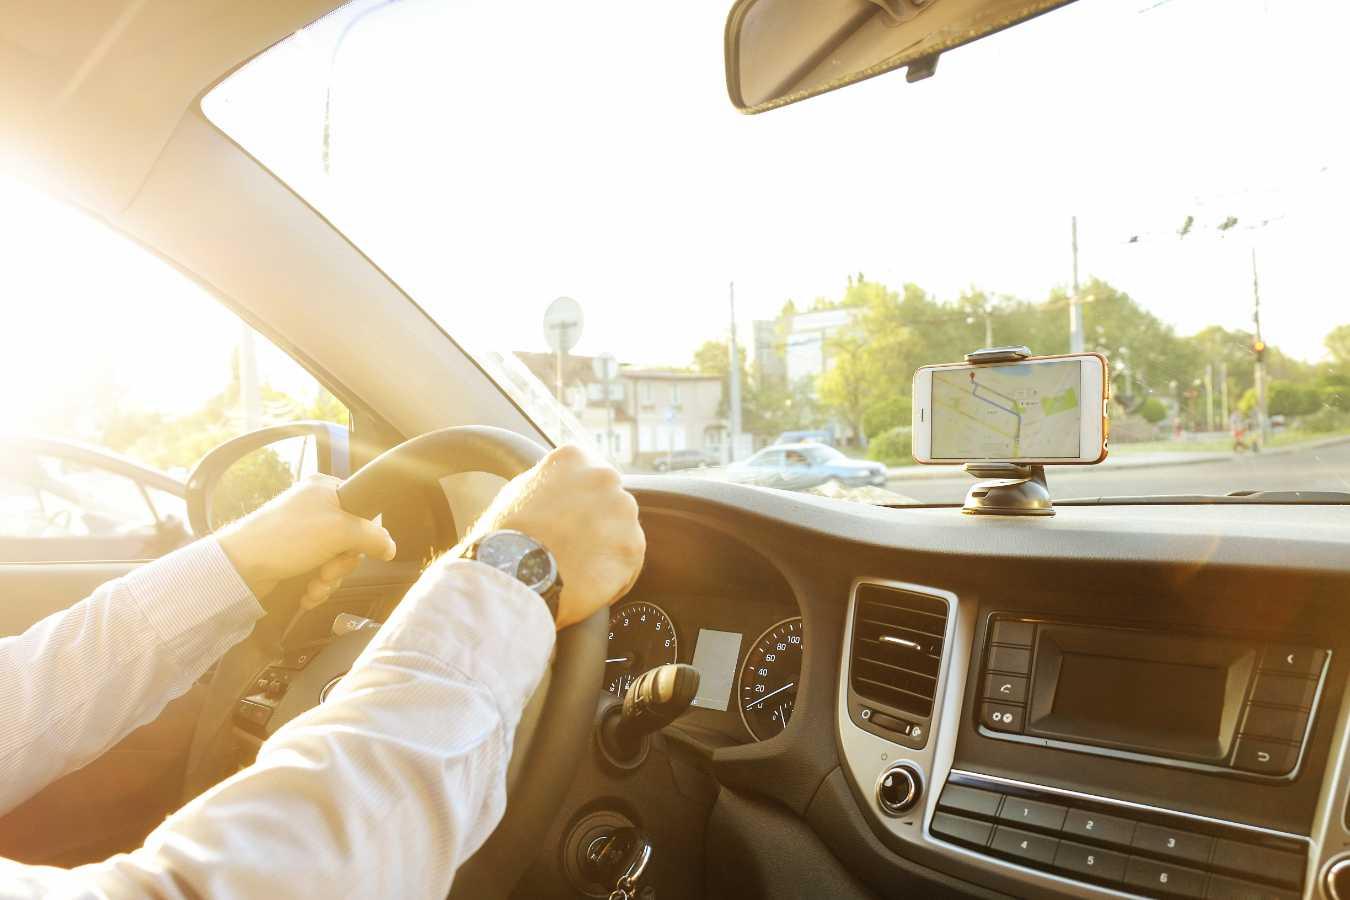 Jaki uchwyt do telefonów samochodowy będzie dobrym wyborem? Co warto wiedzieć przed zakupem?